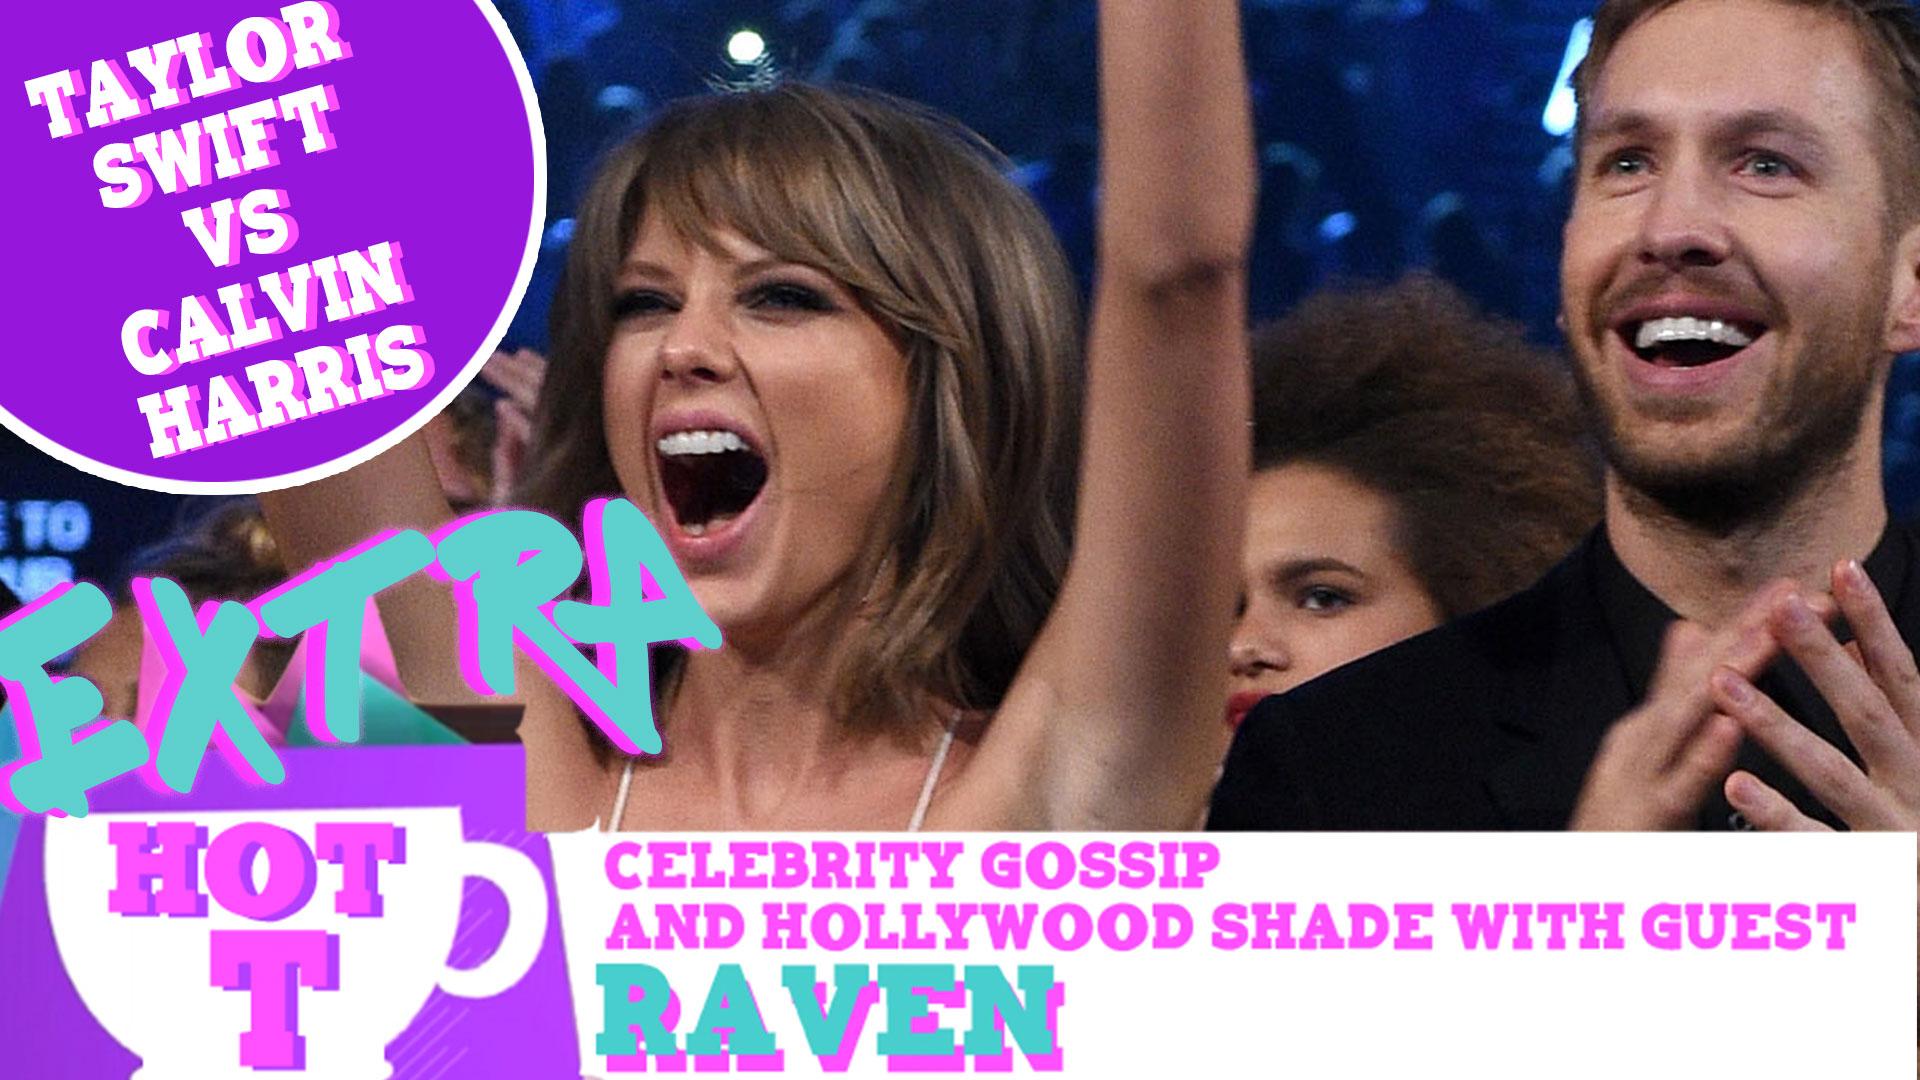 Extra Hot T: Taylor Swift Vs Calvin Harris